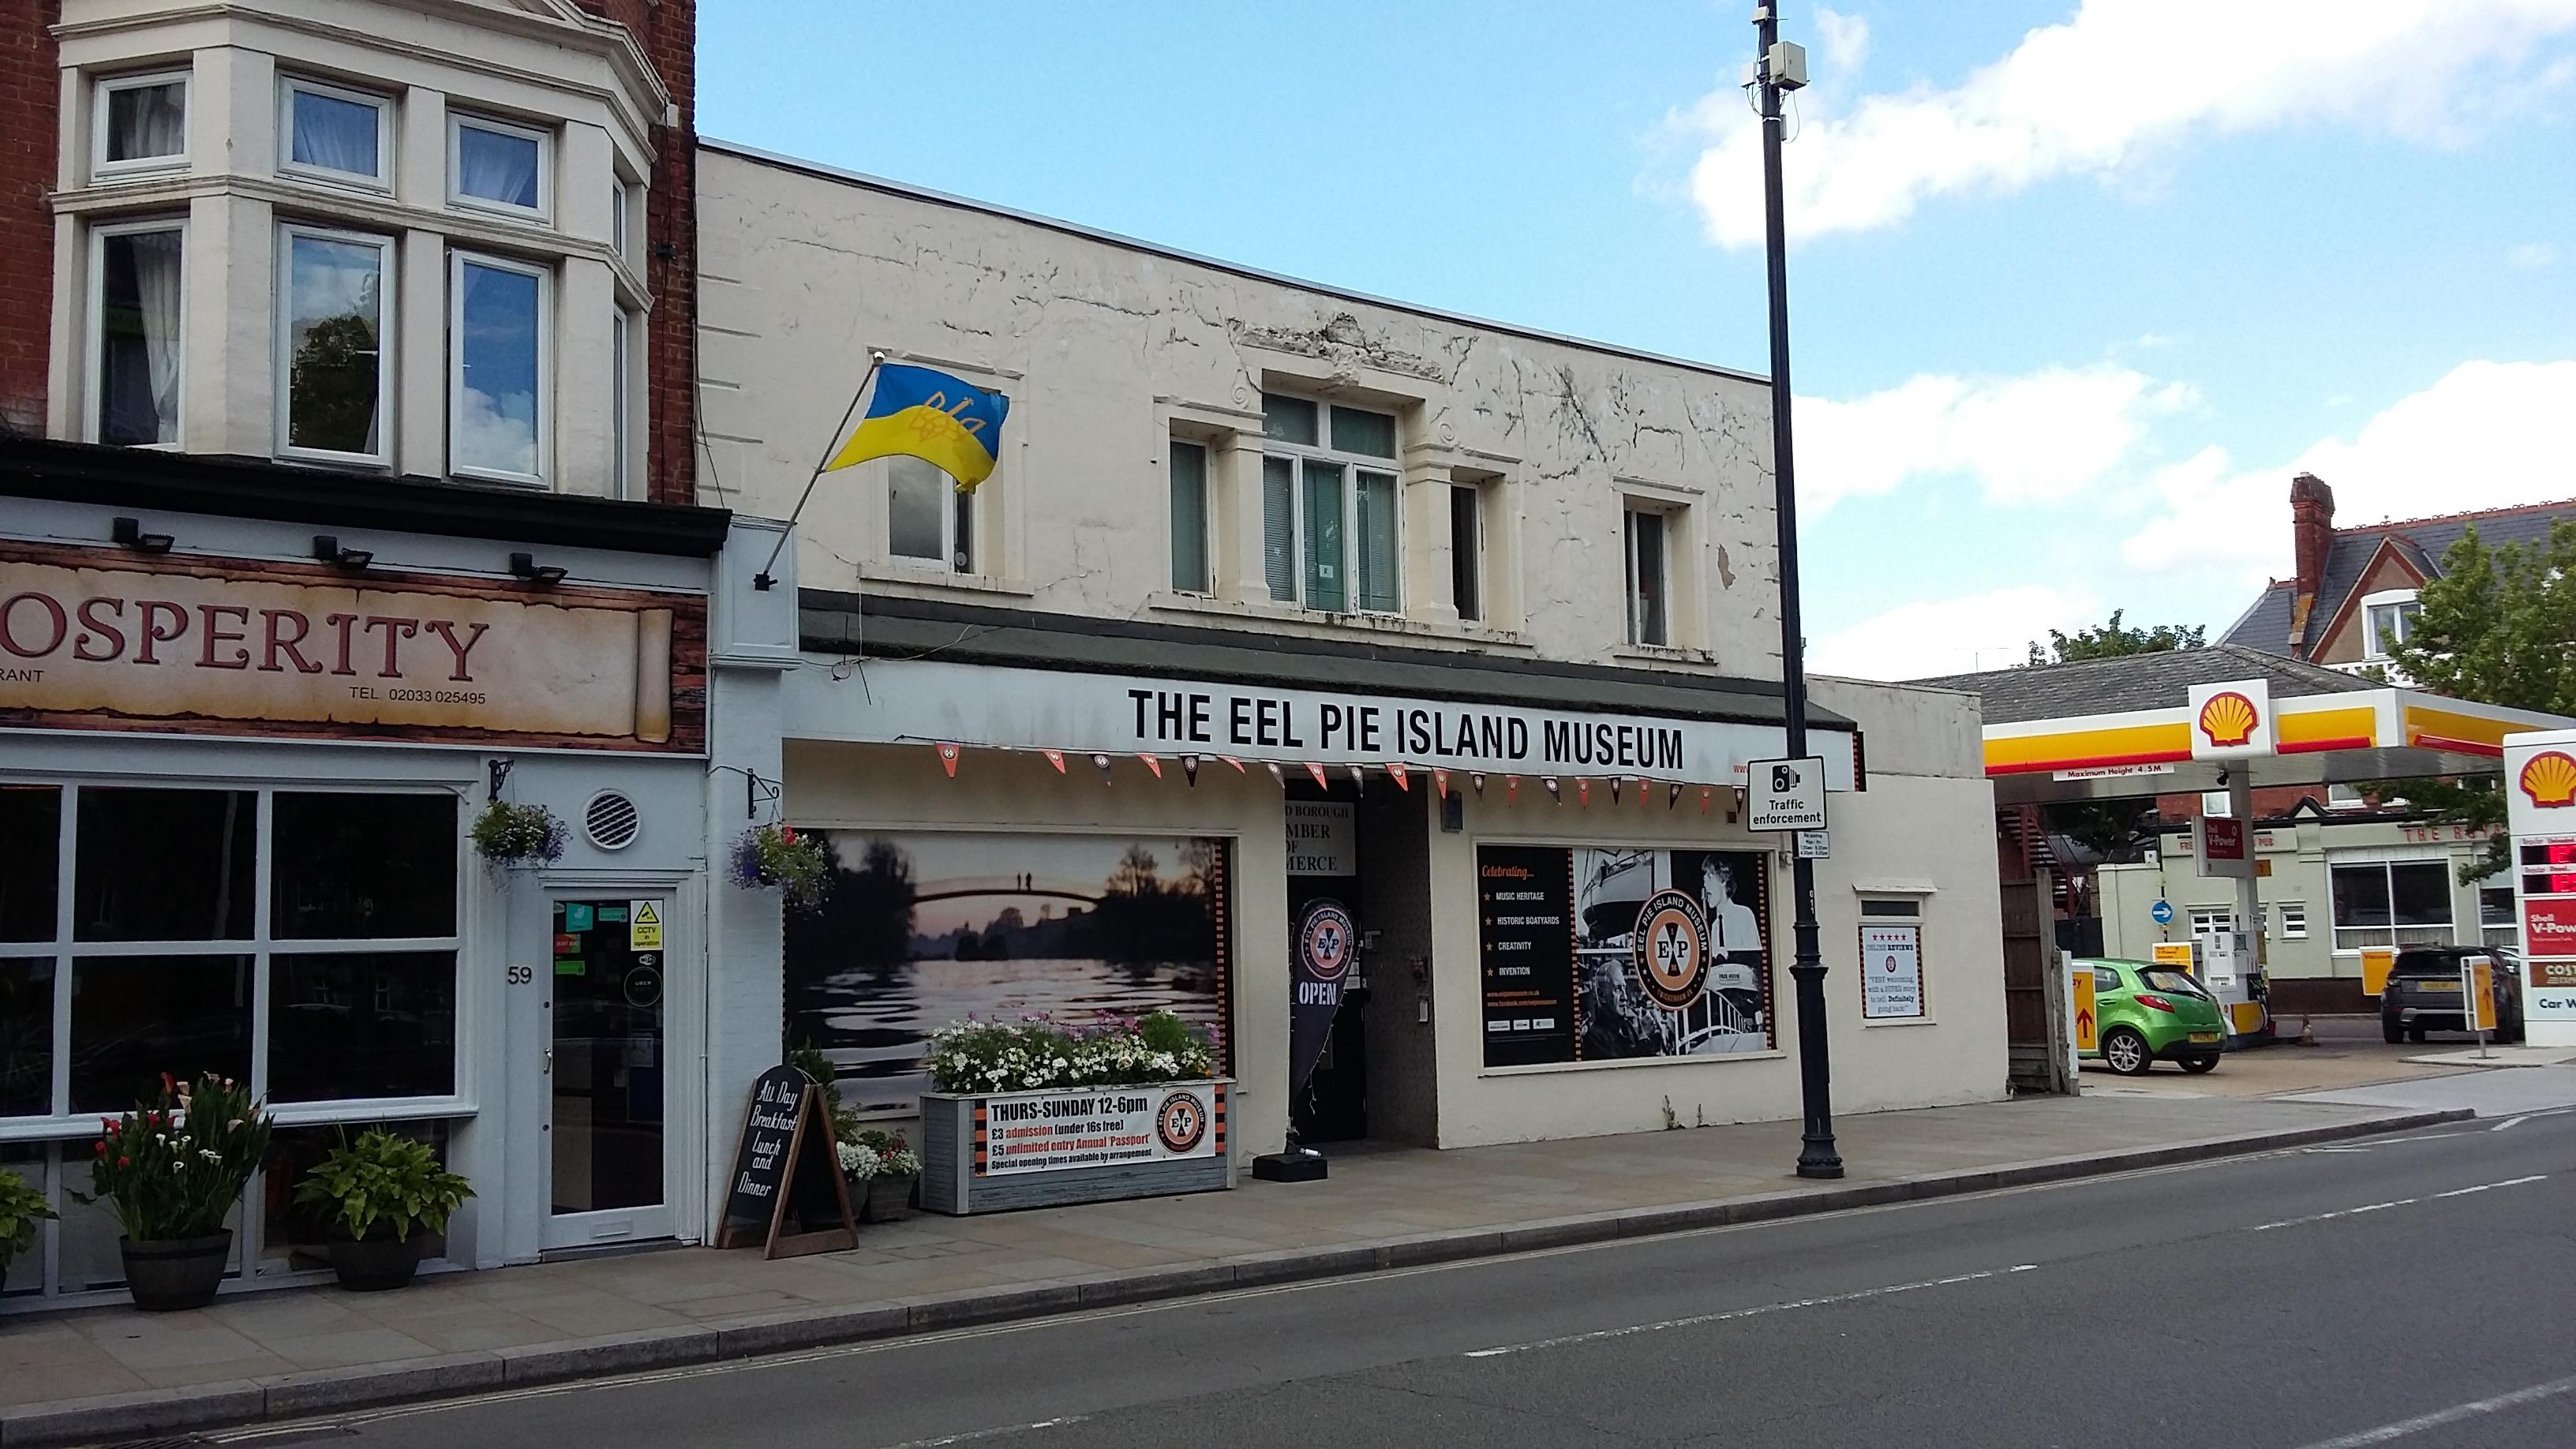 Eel Pie Island Museum